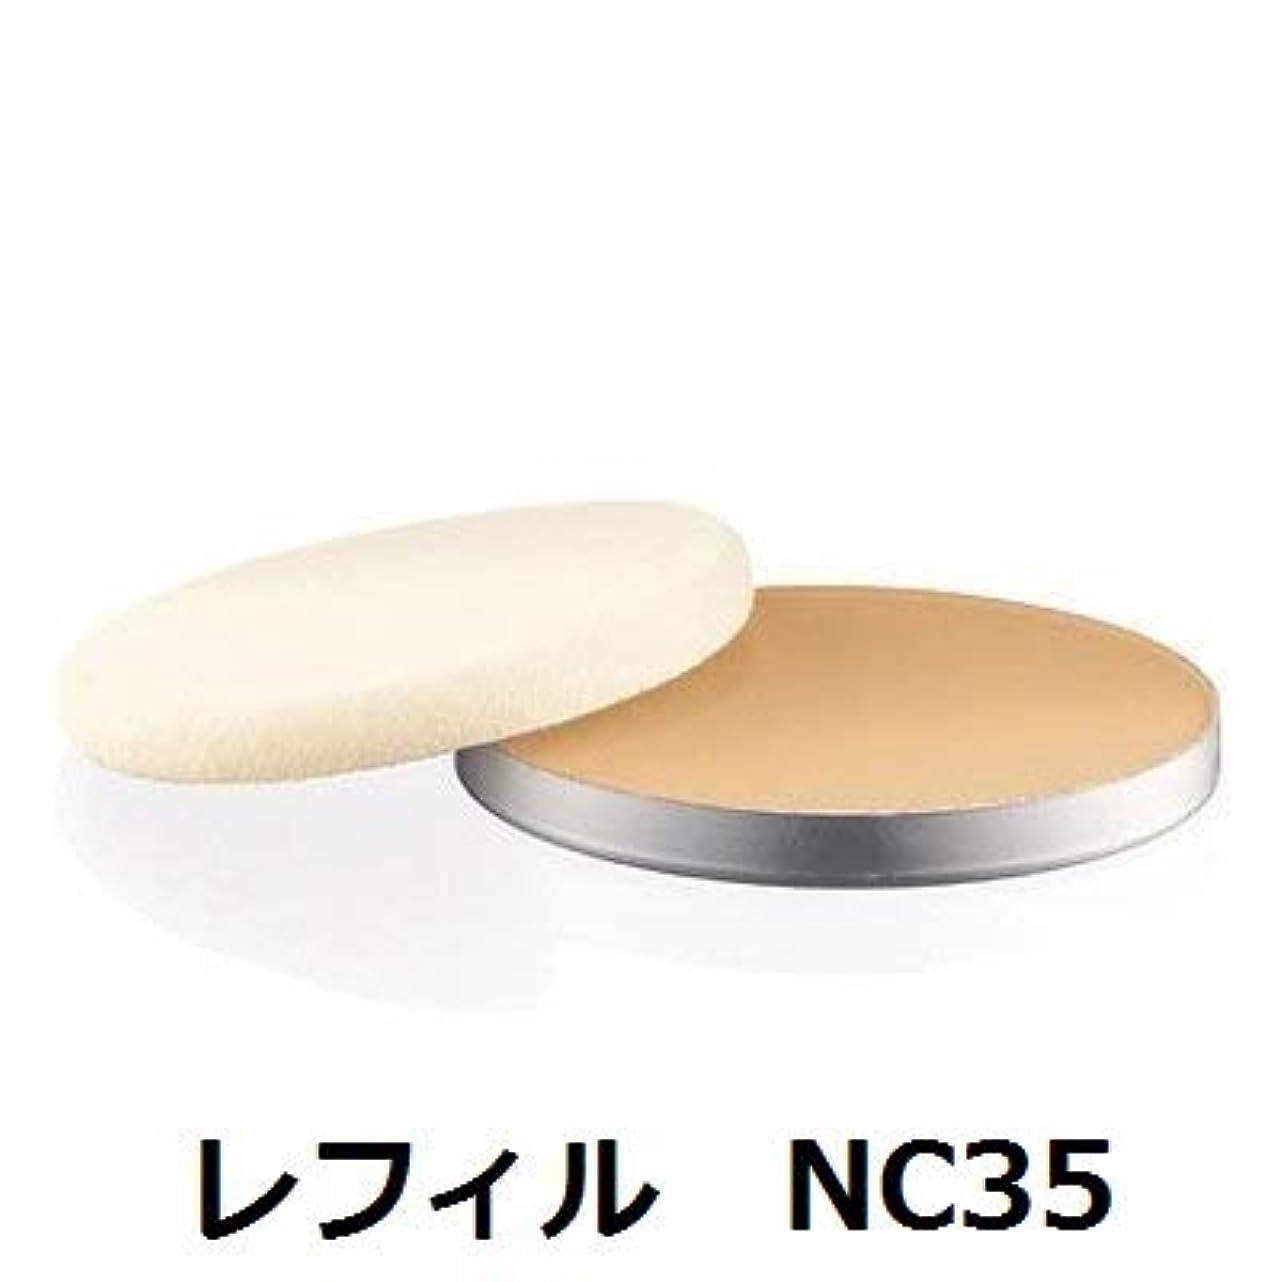 交通葉完全にマック(MAC) ライトフルC+SPF 30ファンデーション レフィル #NC35 14g [並行輸入品]